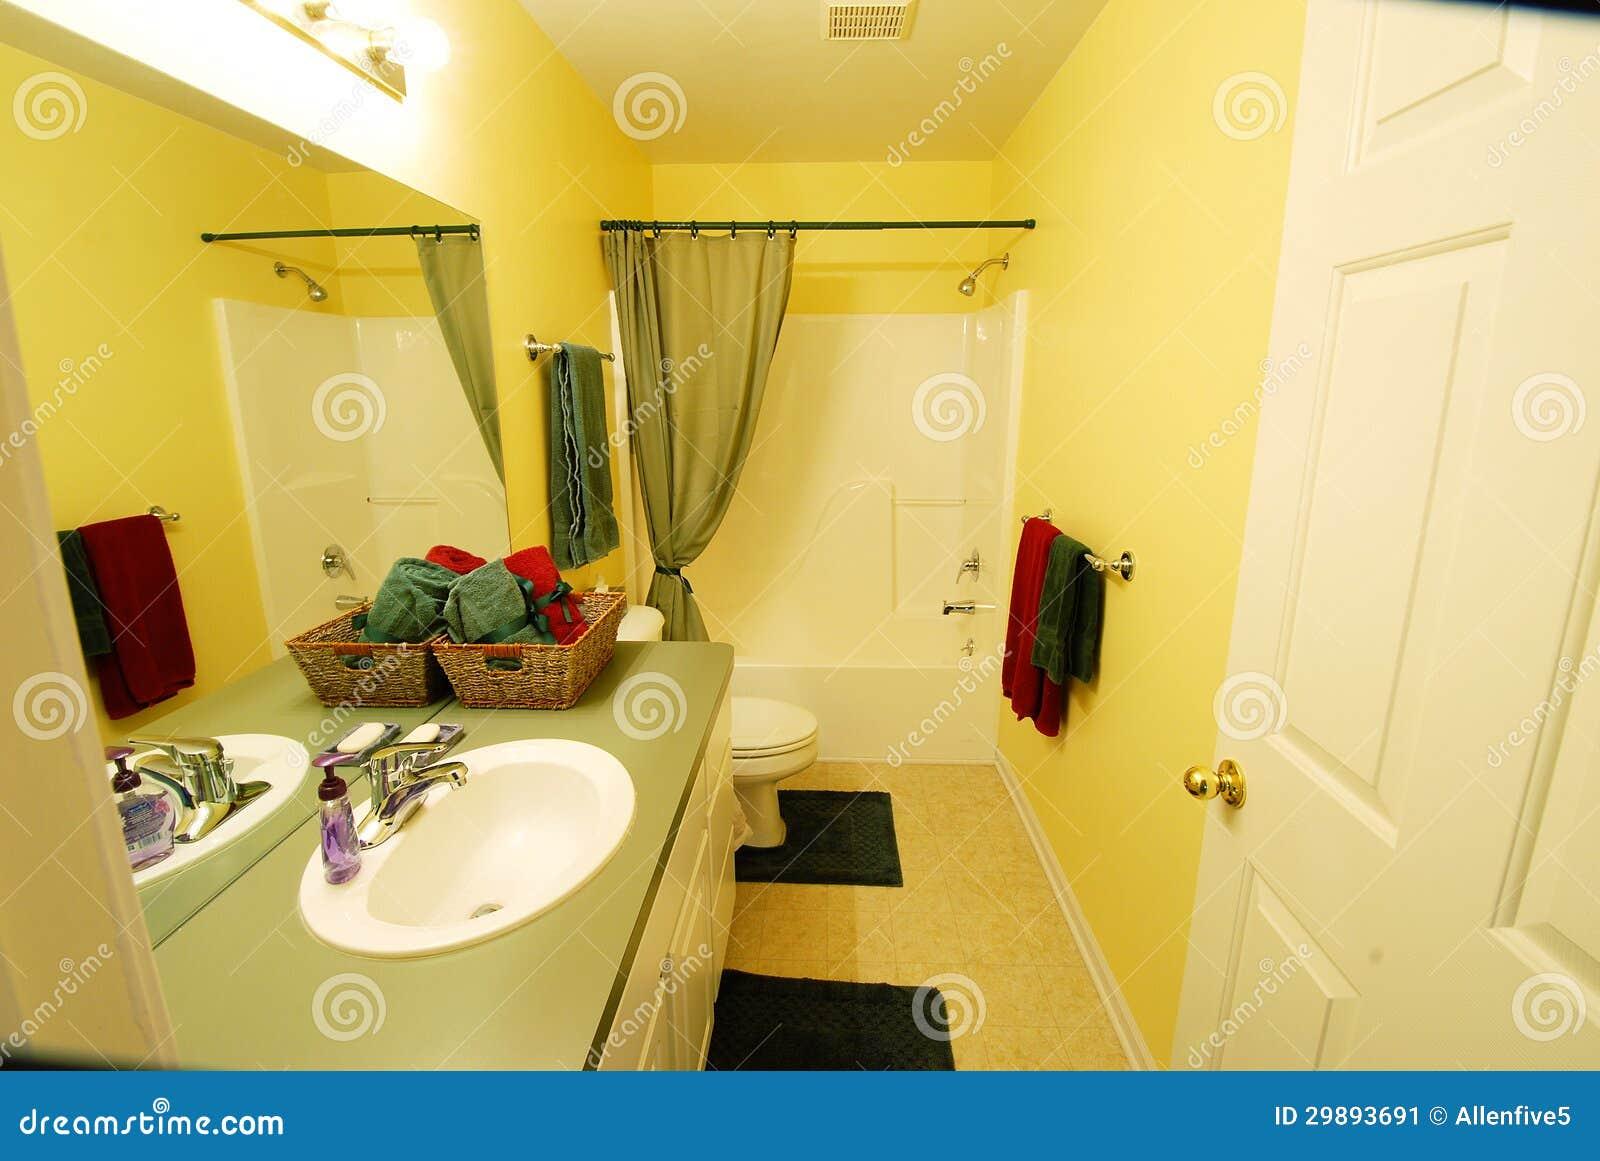 moderno pintou o banheiro com cuba e dissipador mr no pr no 2 1252 1 #6F3310 1300x960 Amarelo No Banheiro